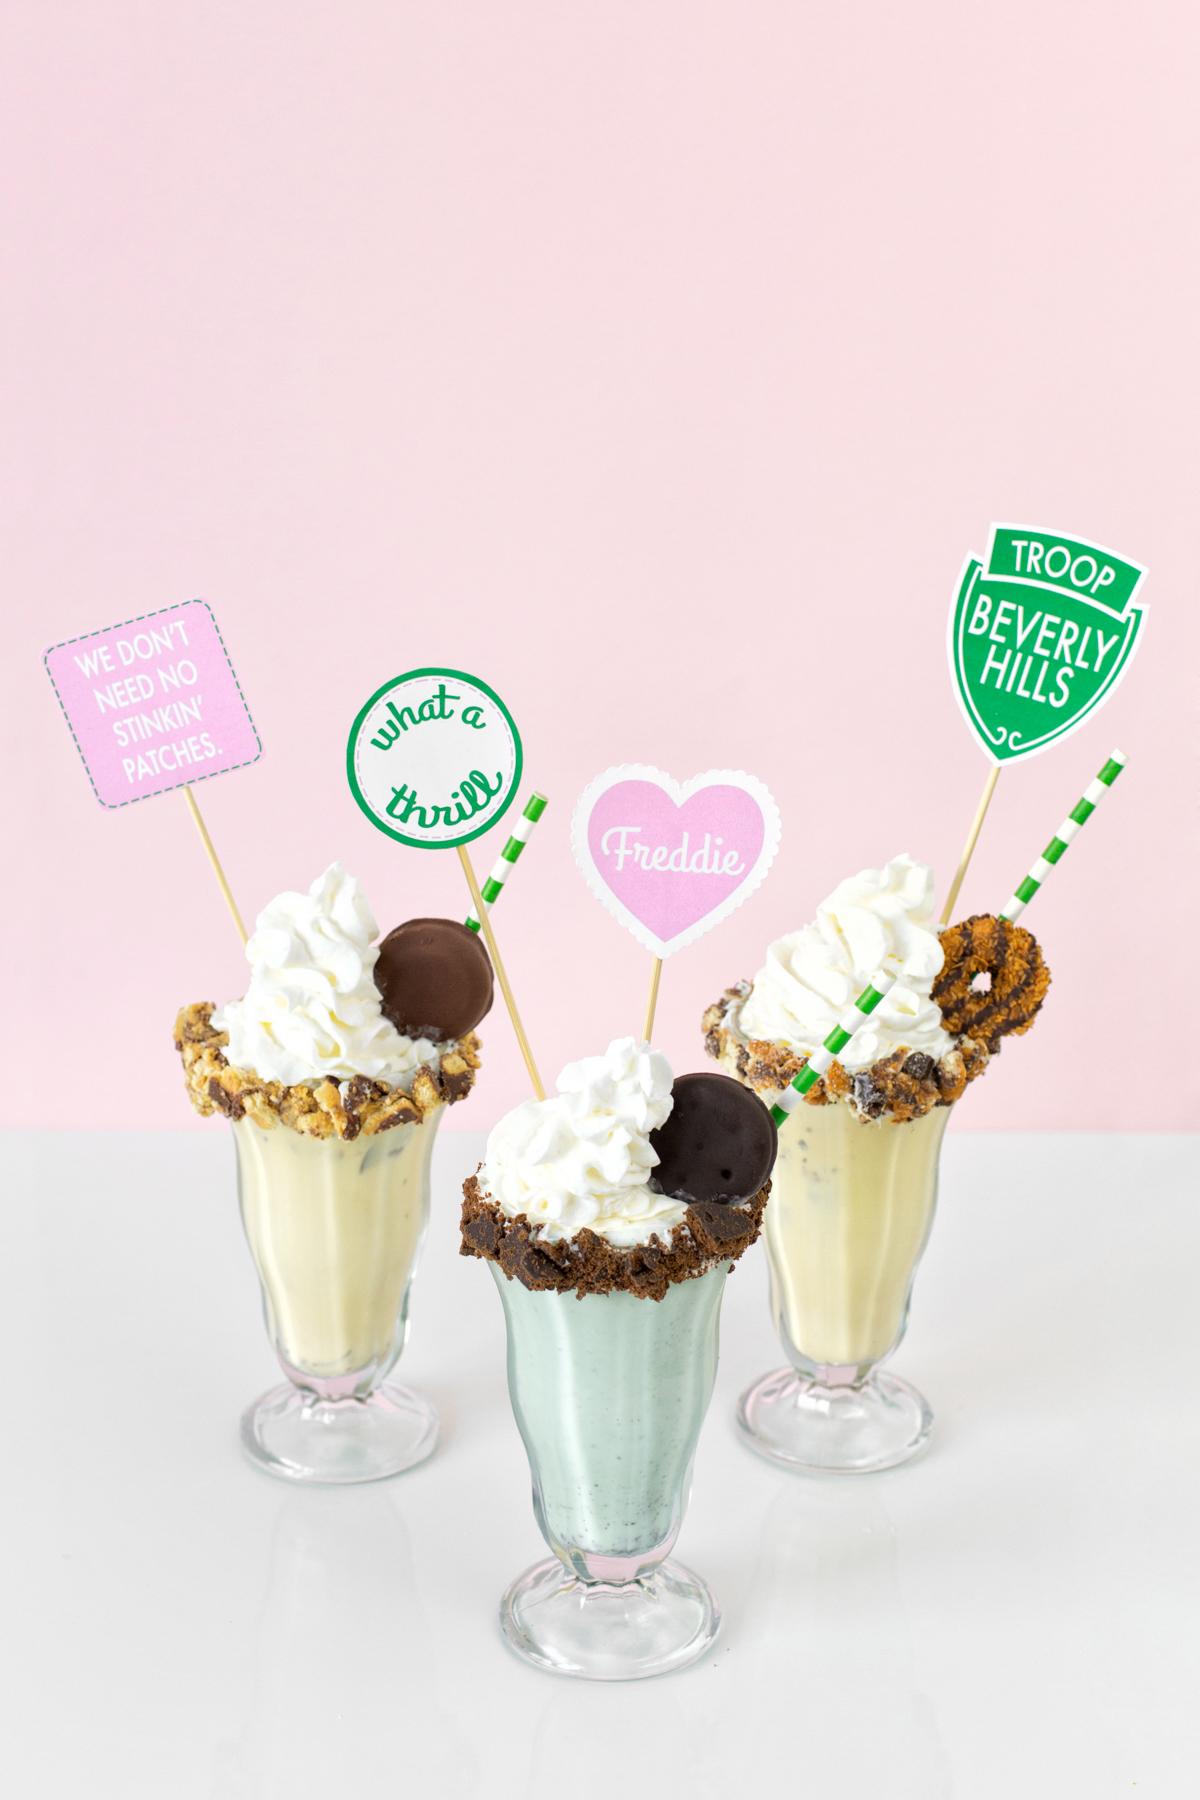 Troop Beverly Hills Girl Scout Cookie Milkshakes Studio Diy